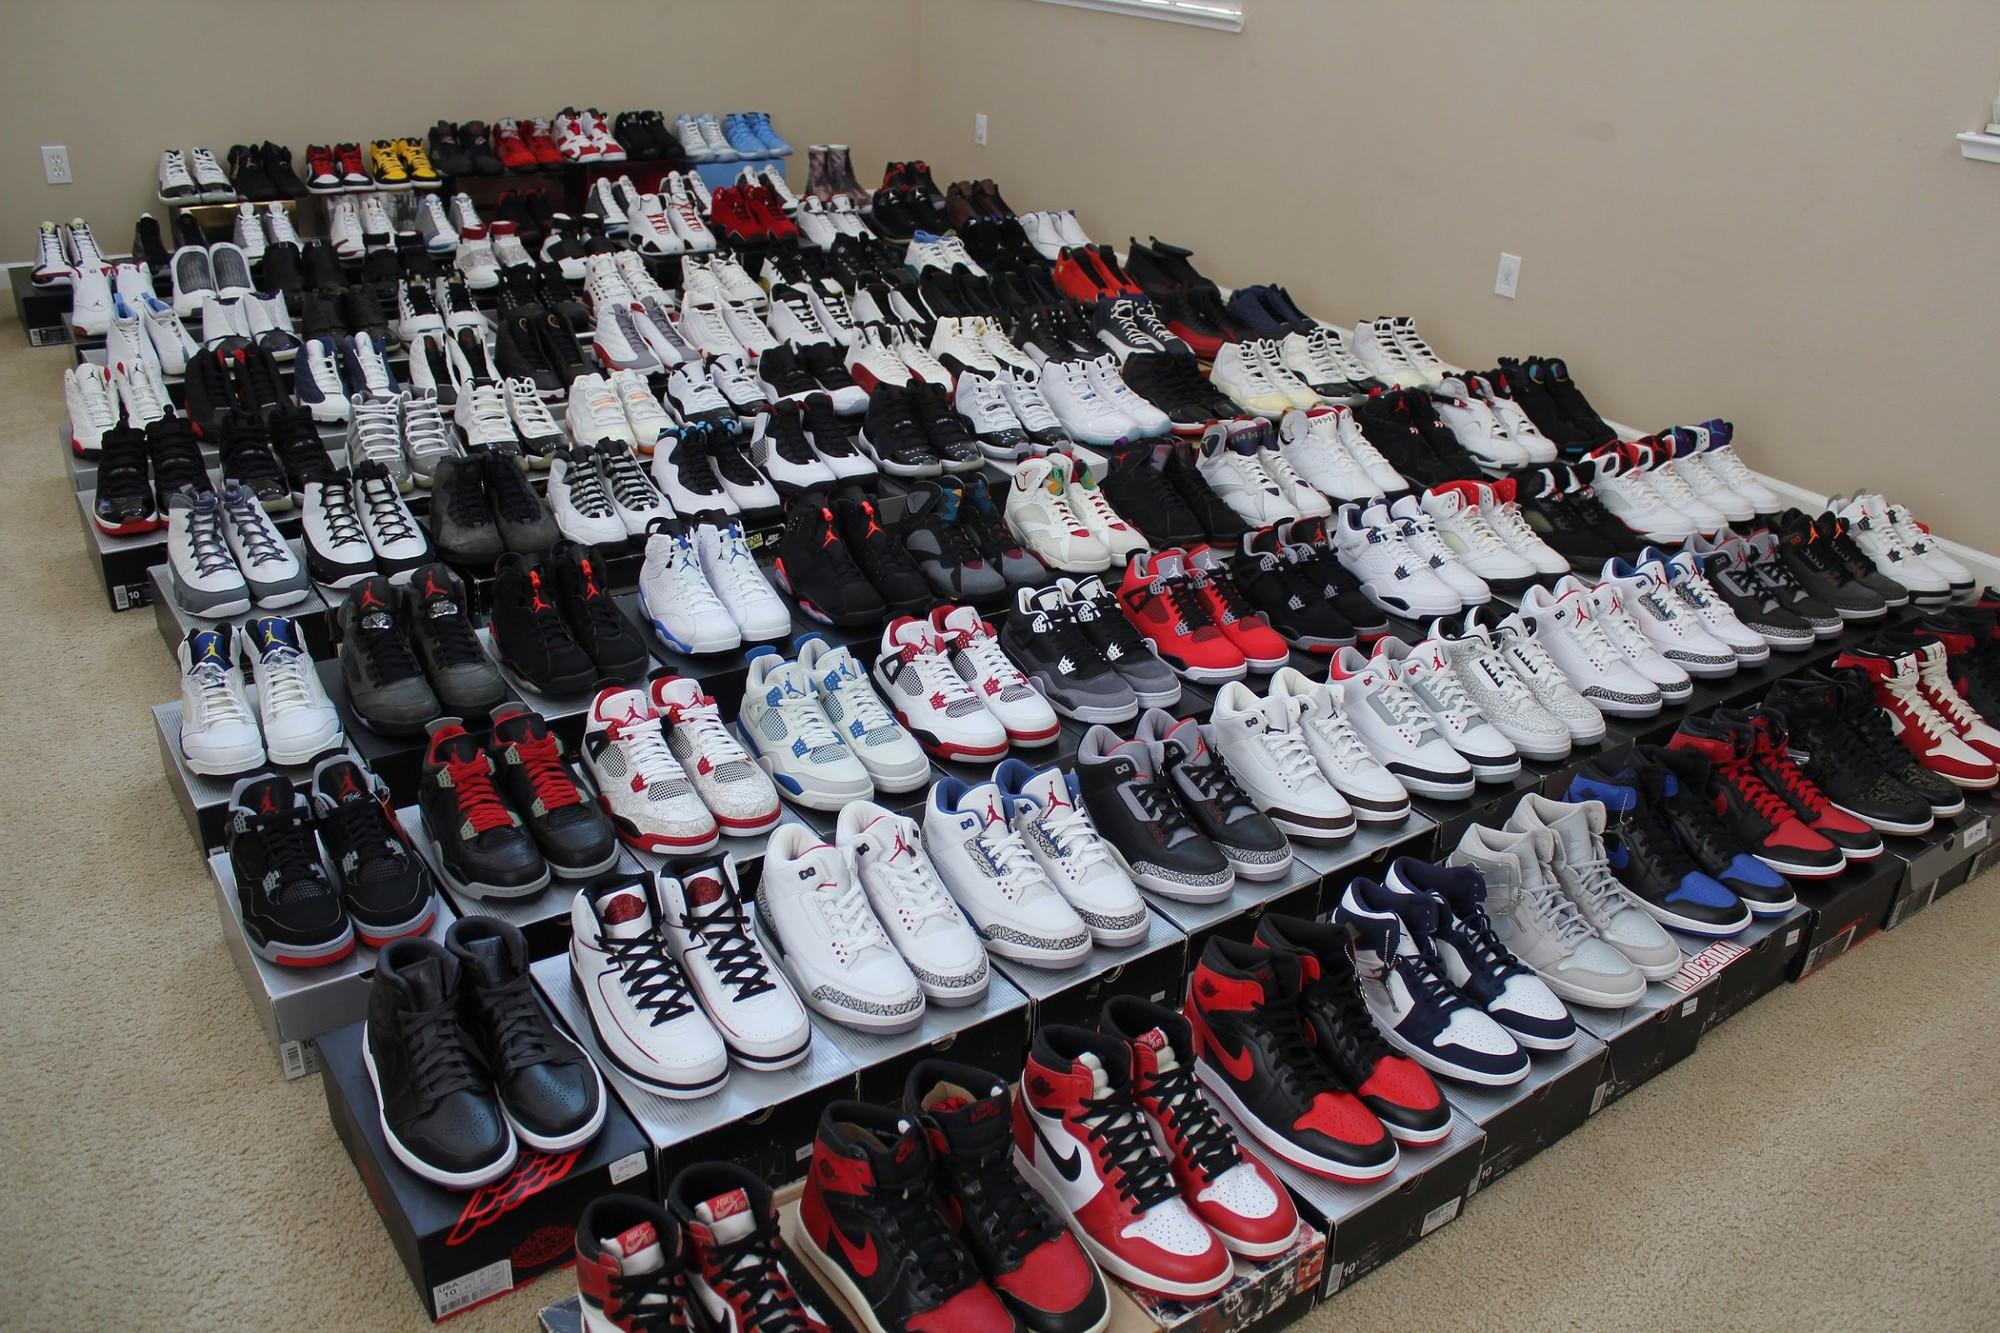 Nhóm thanh niên đi trấn lột giày Air Jordan nghìn đô, đến khi đem bán thì phát hiện ra hàng nhái giá bằng một phần mười-1